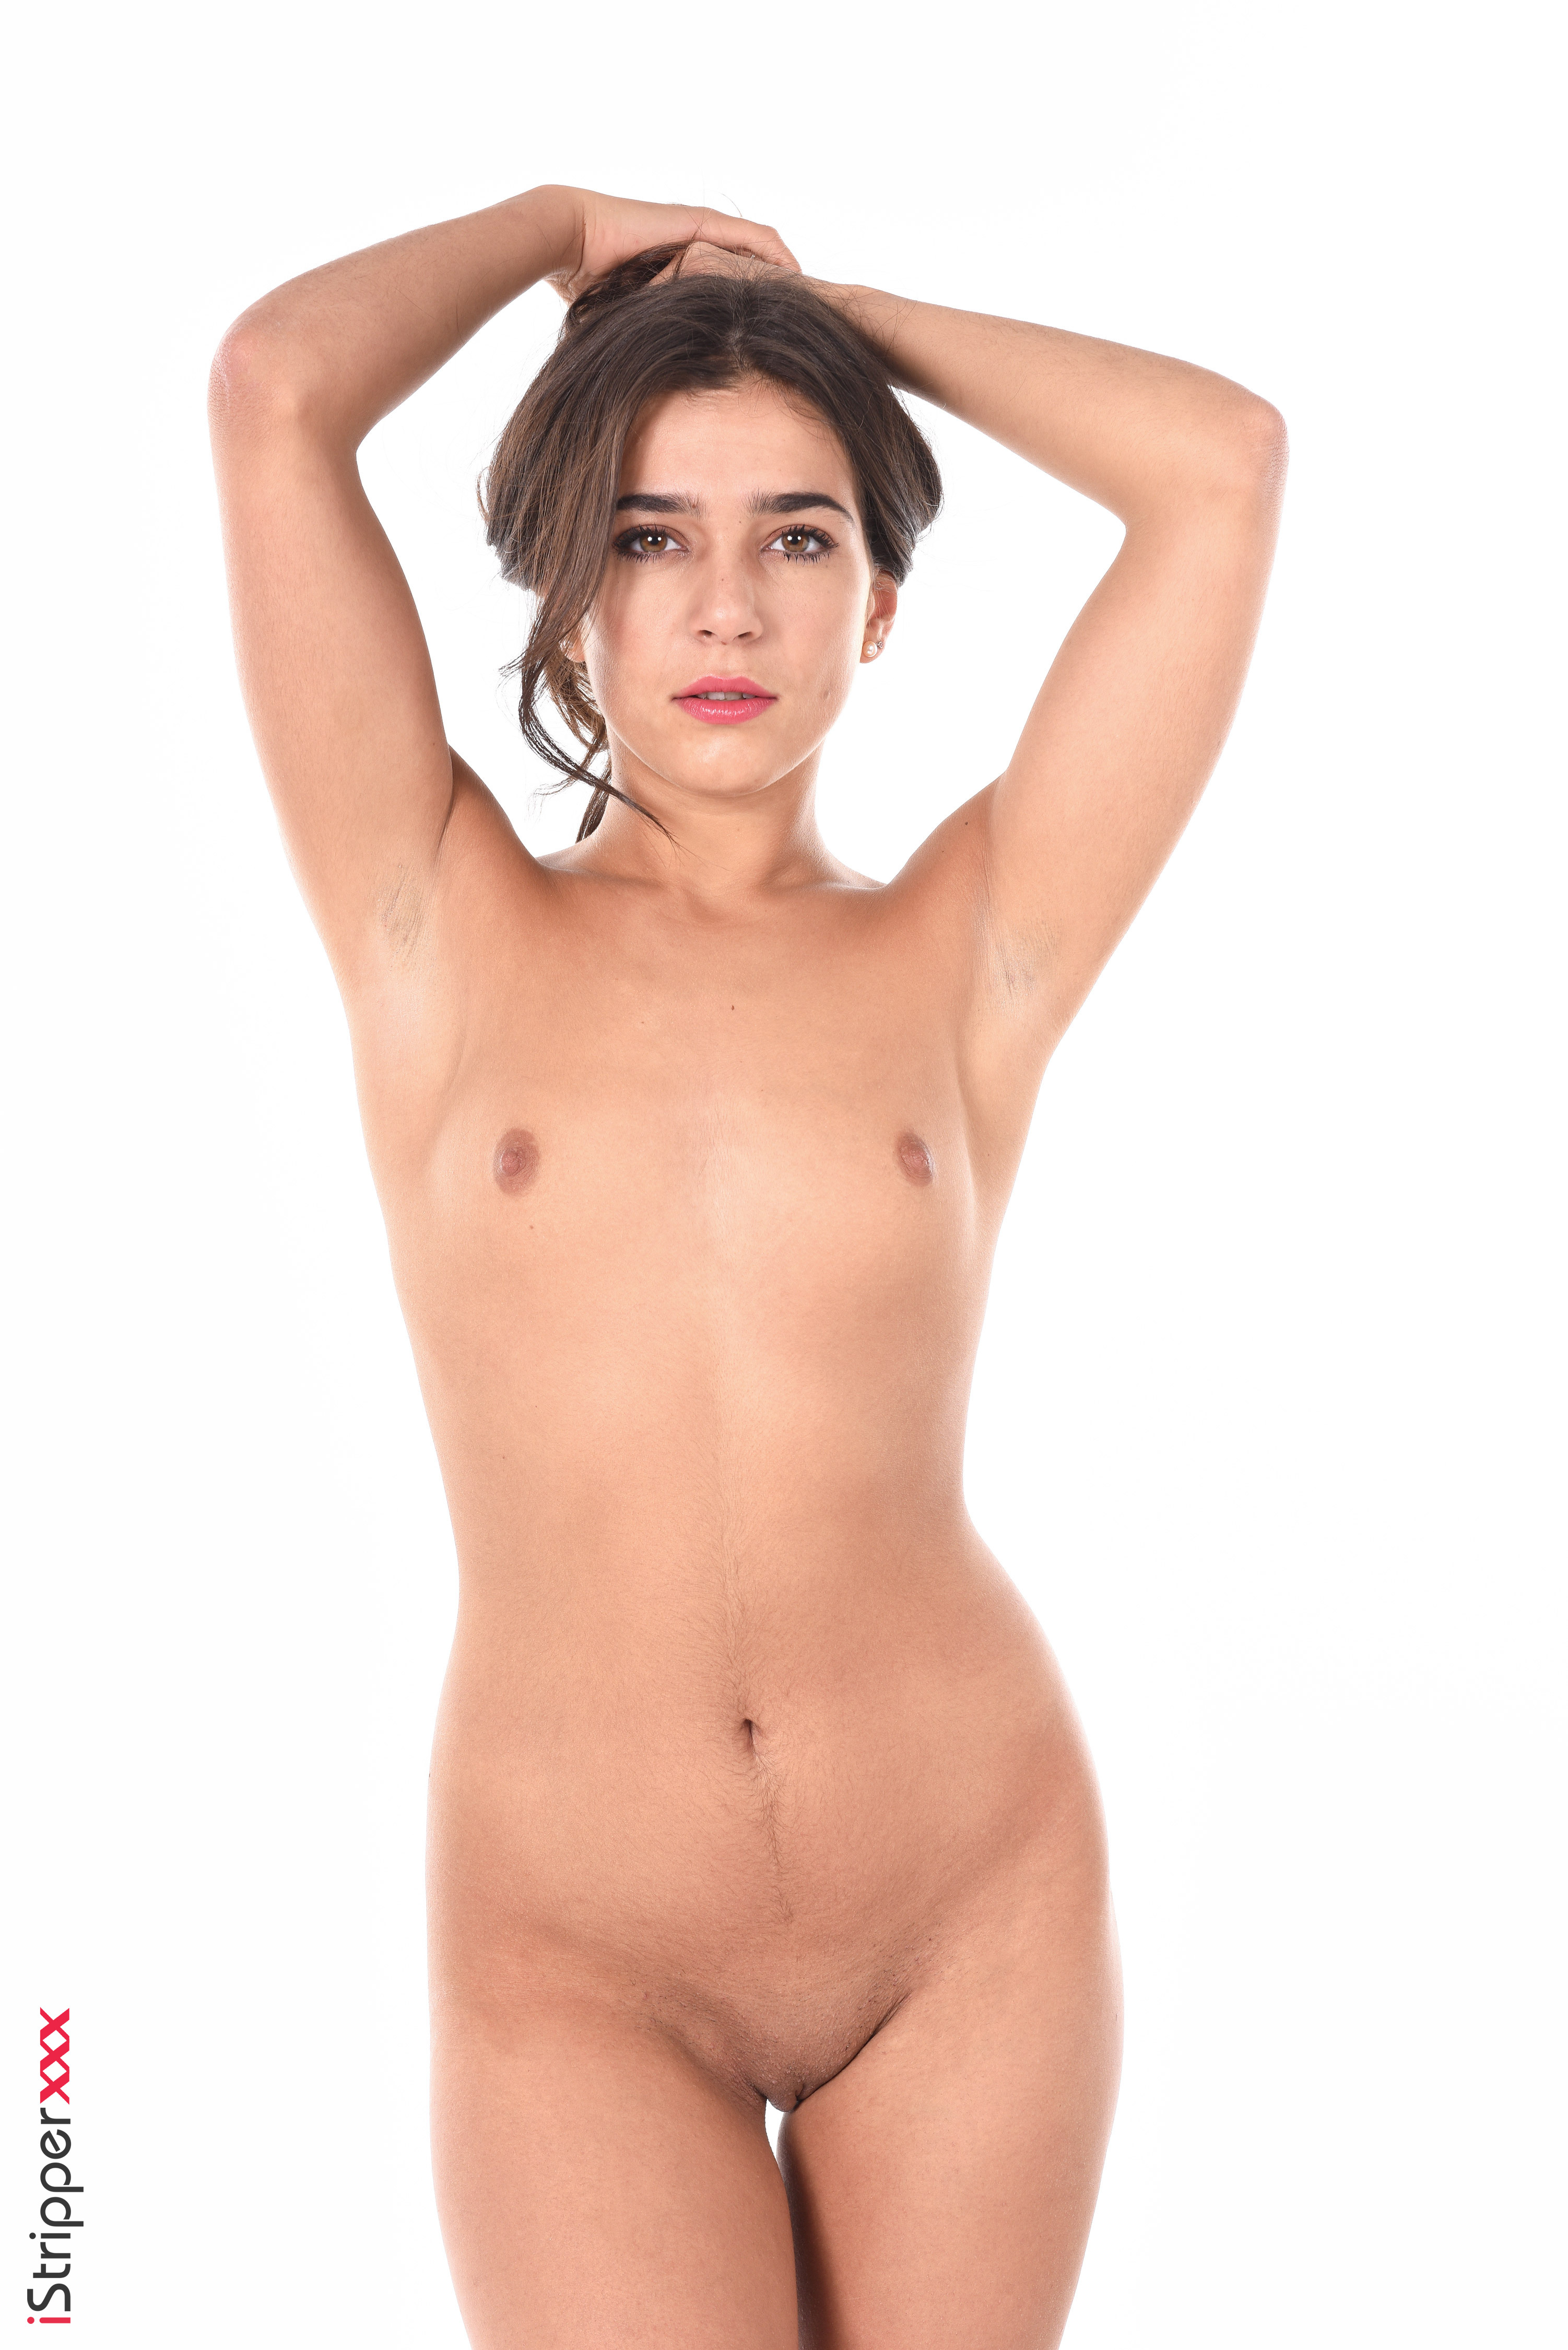 naket wallpaper